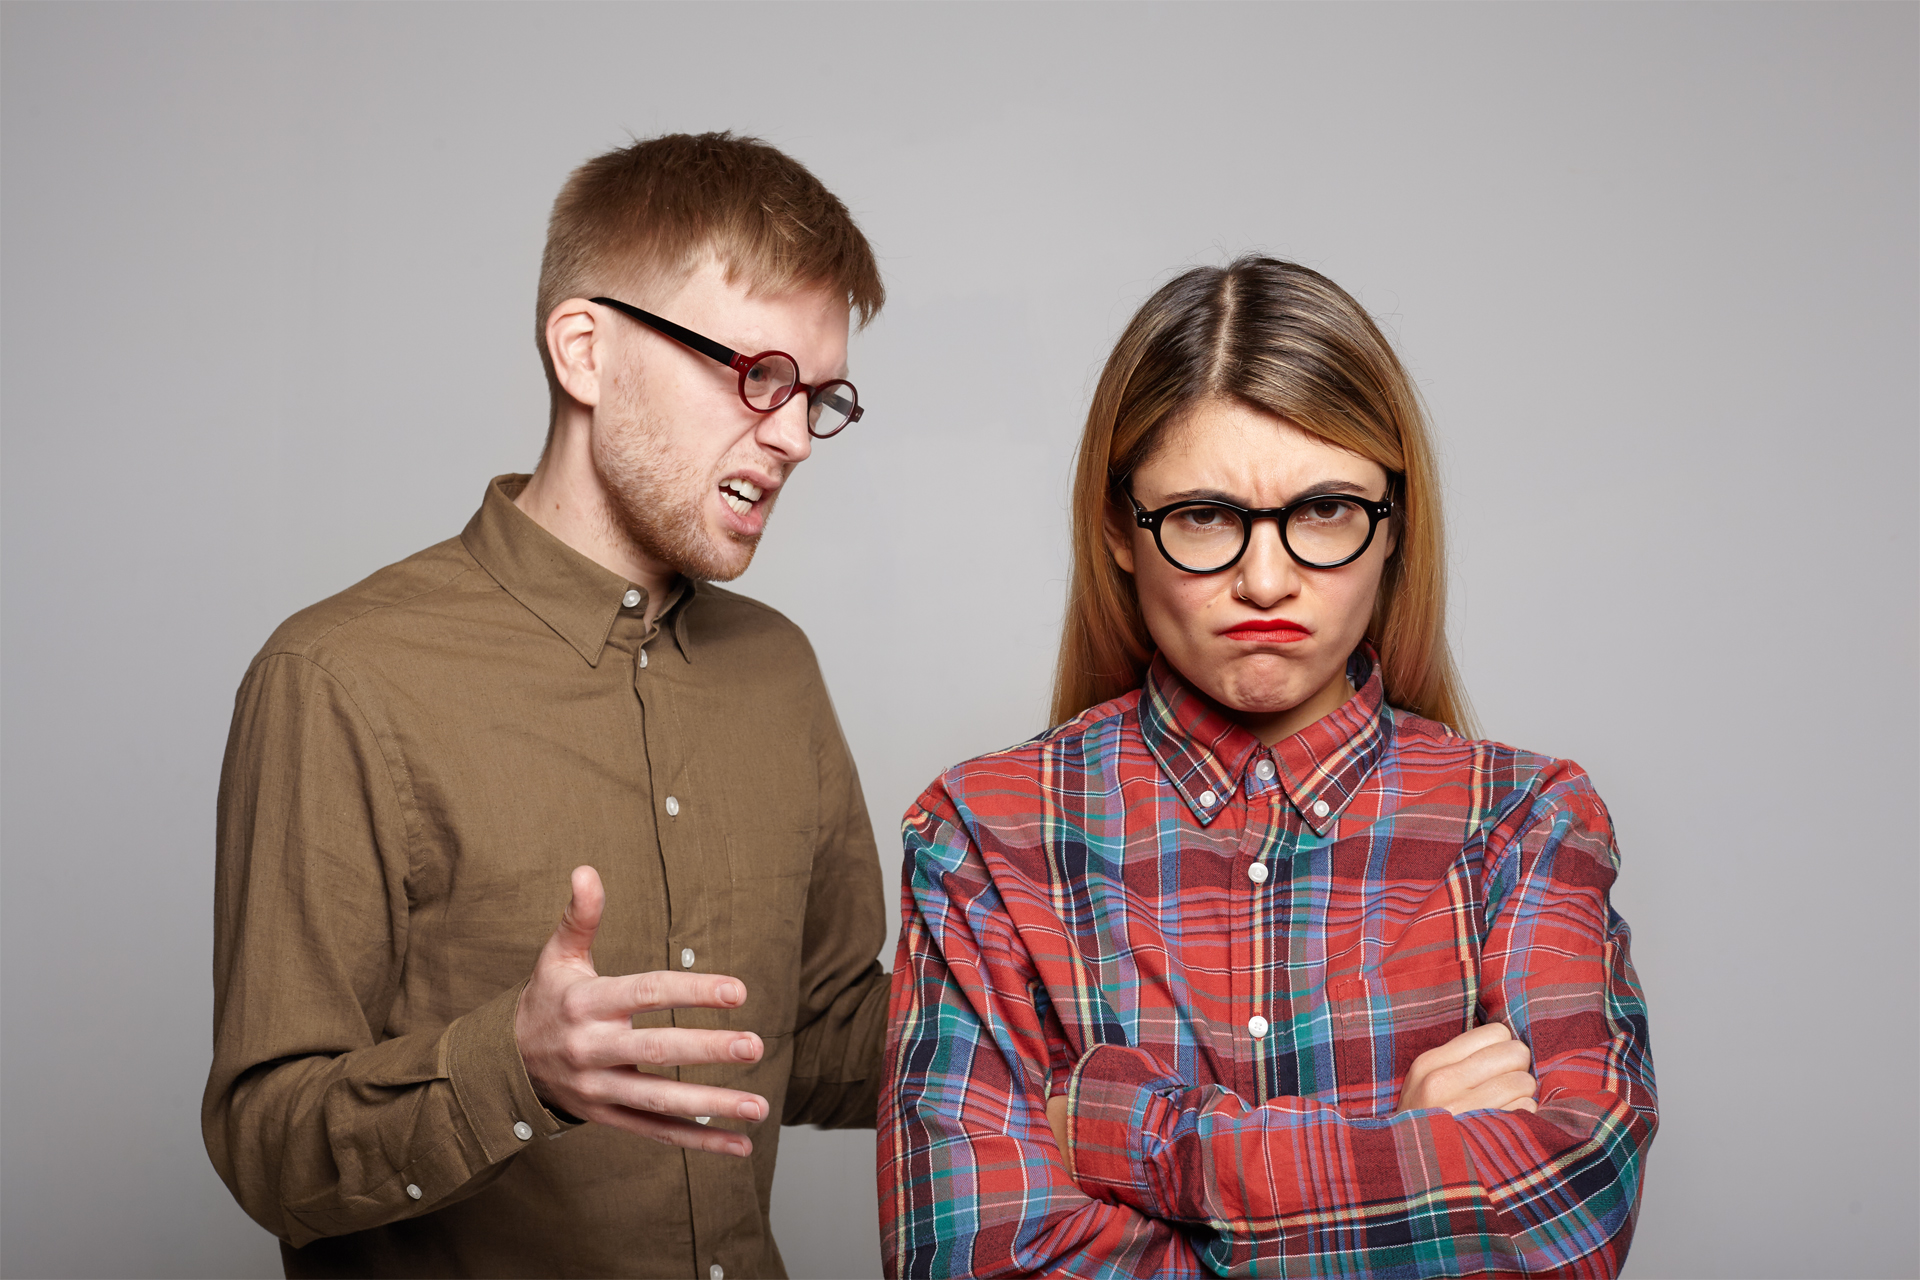 Comment faire face à une femme indécise